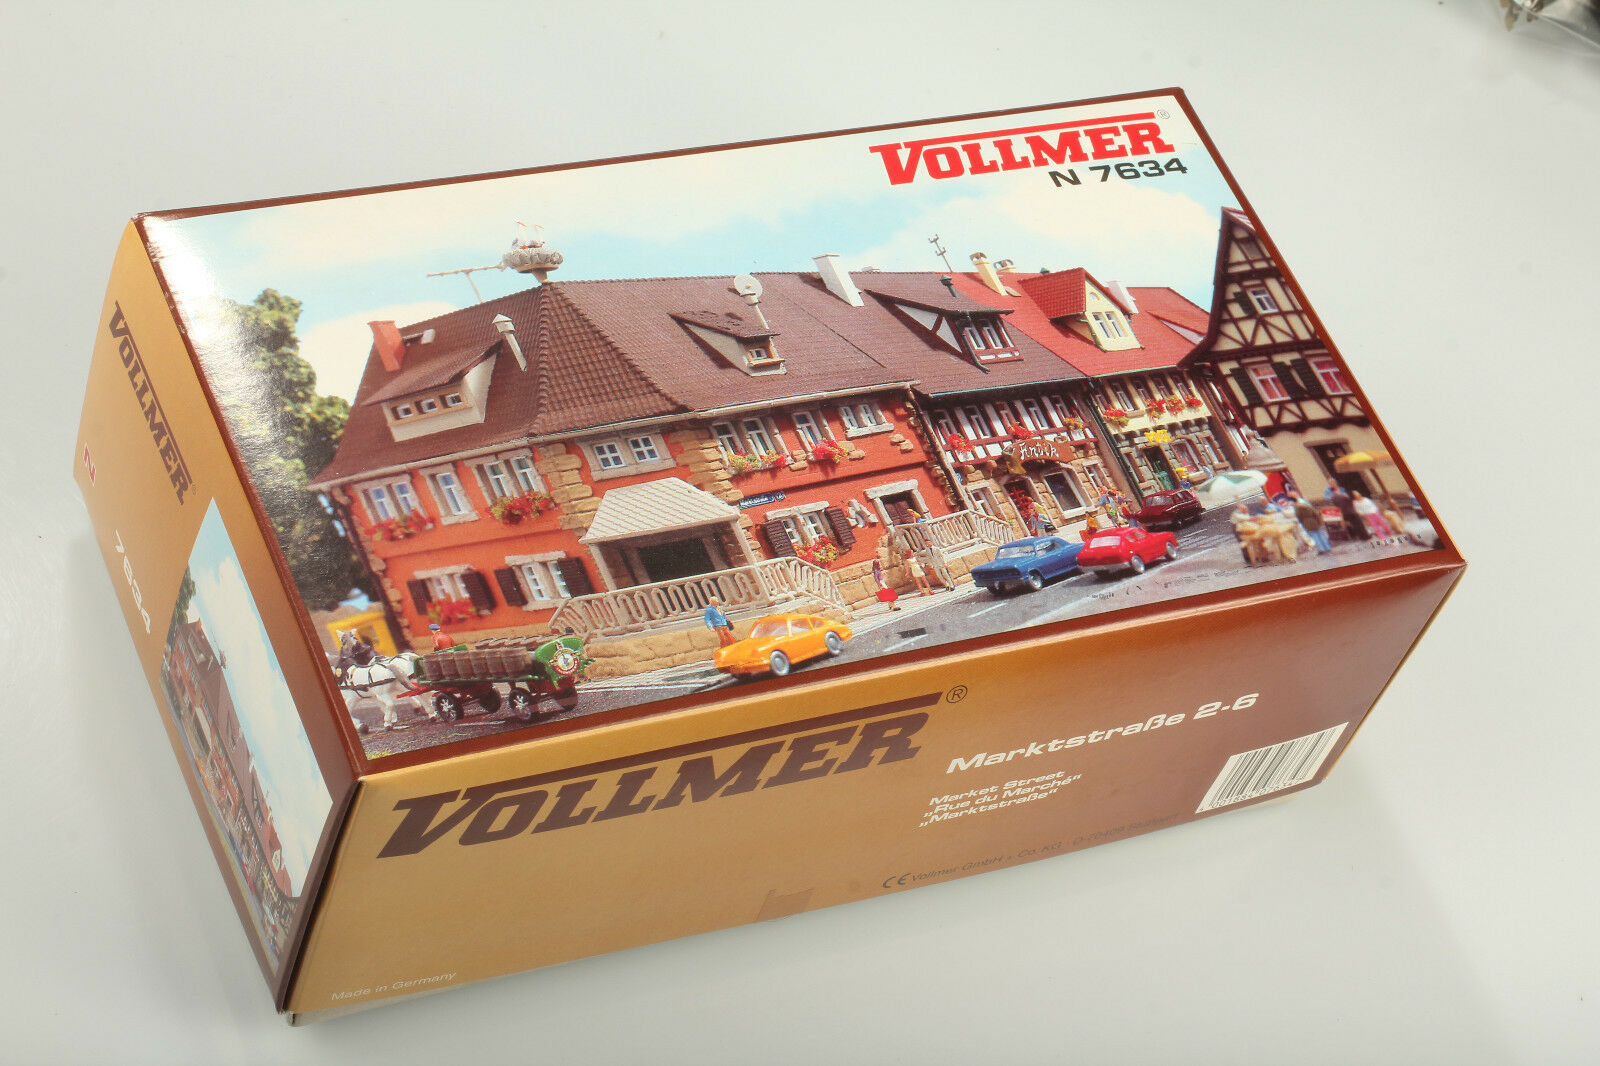 N Vollmer 7634 Marktstraße 2-6  - OVP wurde aber geöffnet